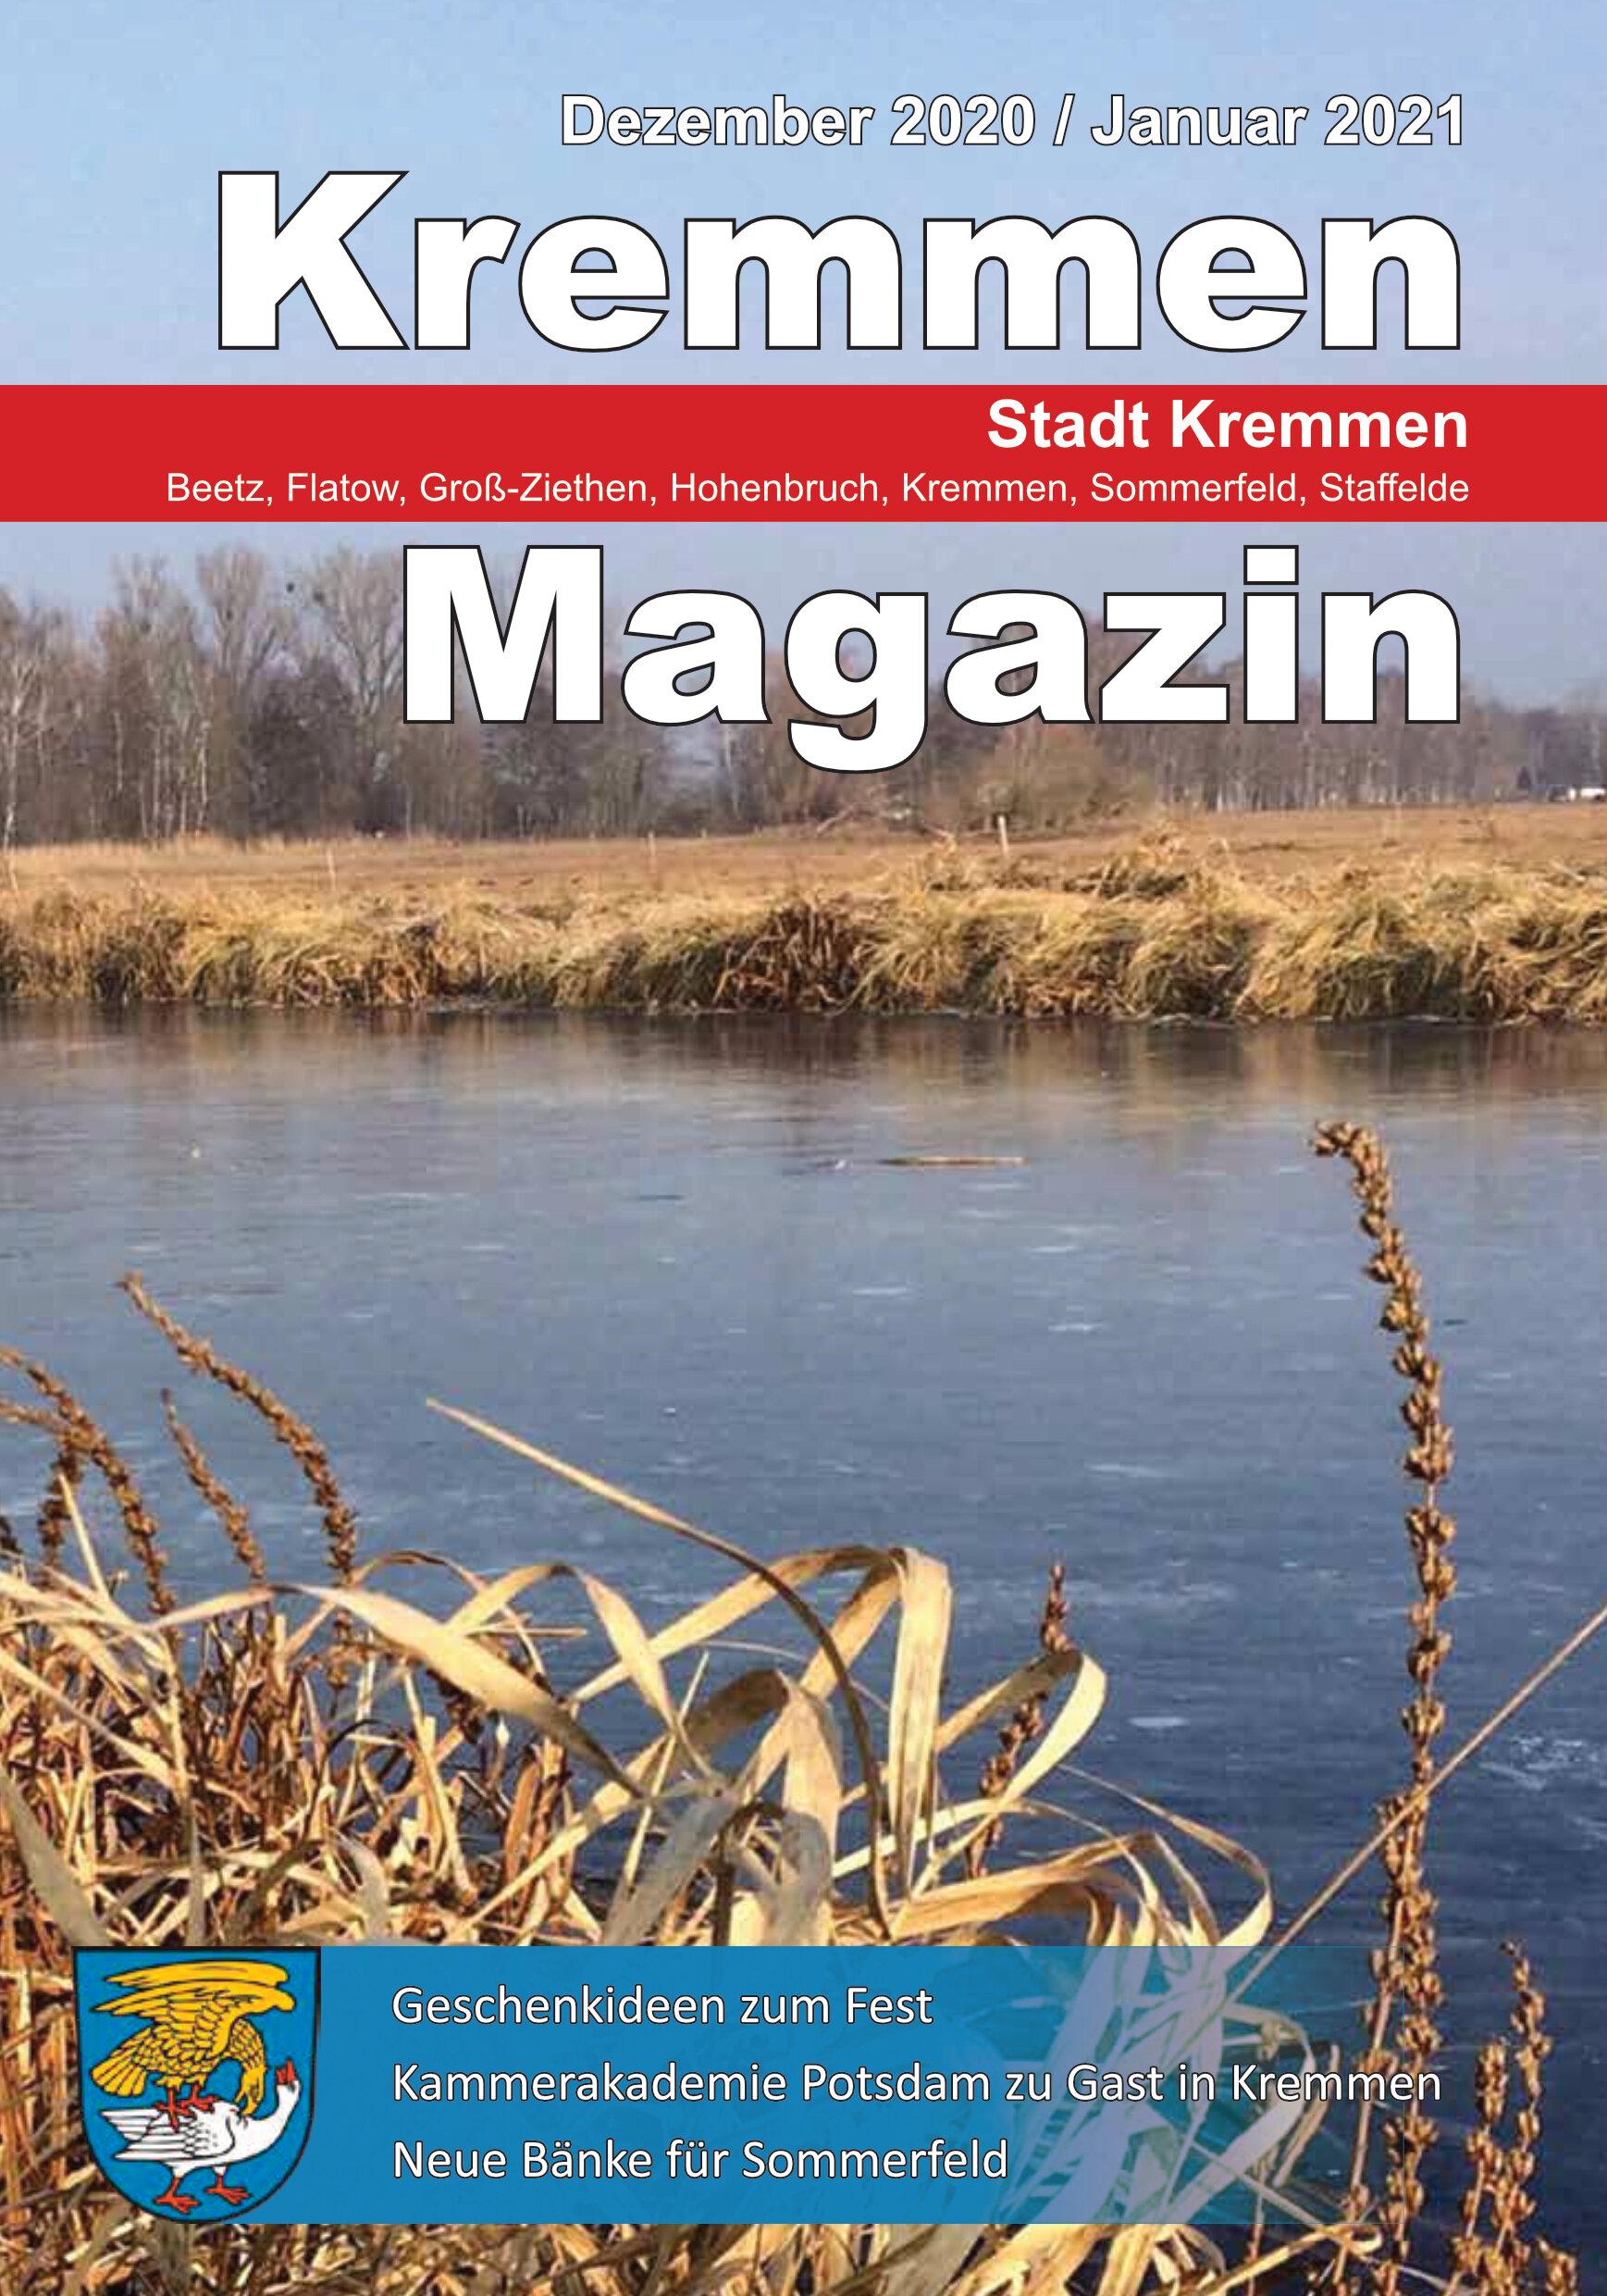 Kremmen Magazin 06/2020